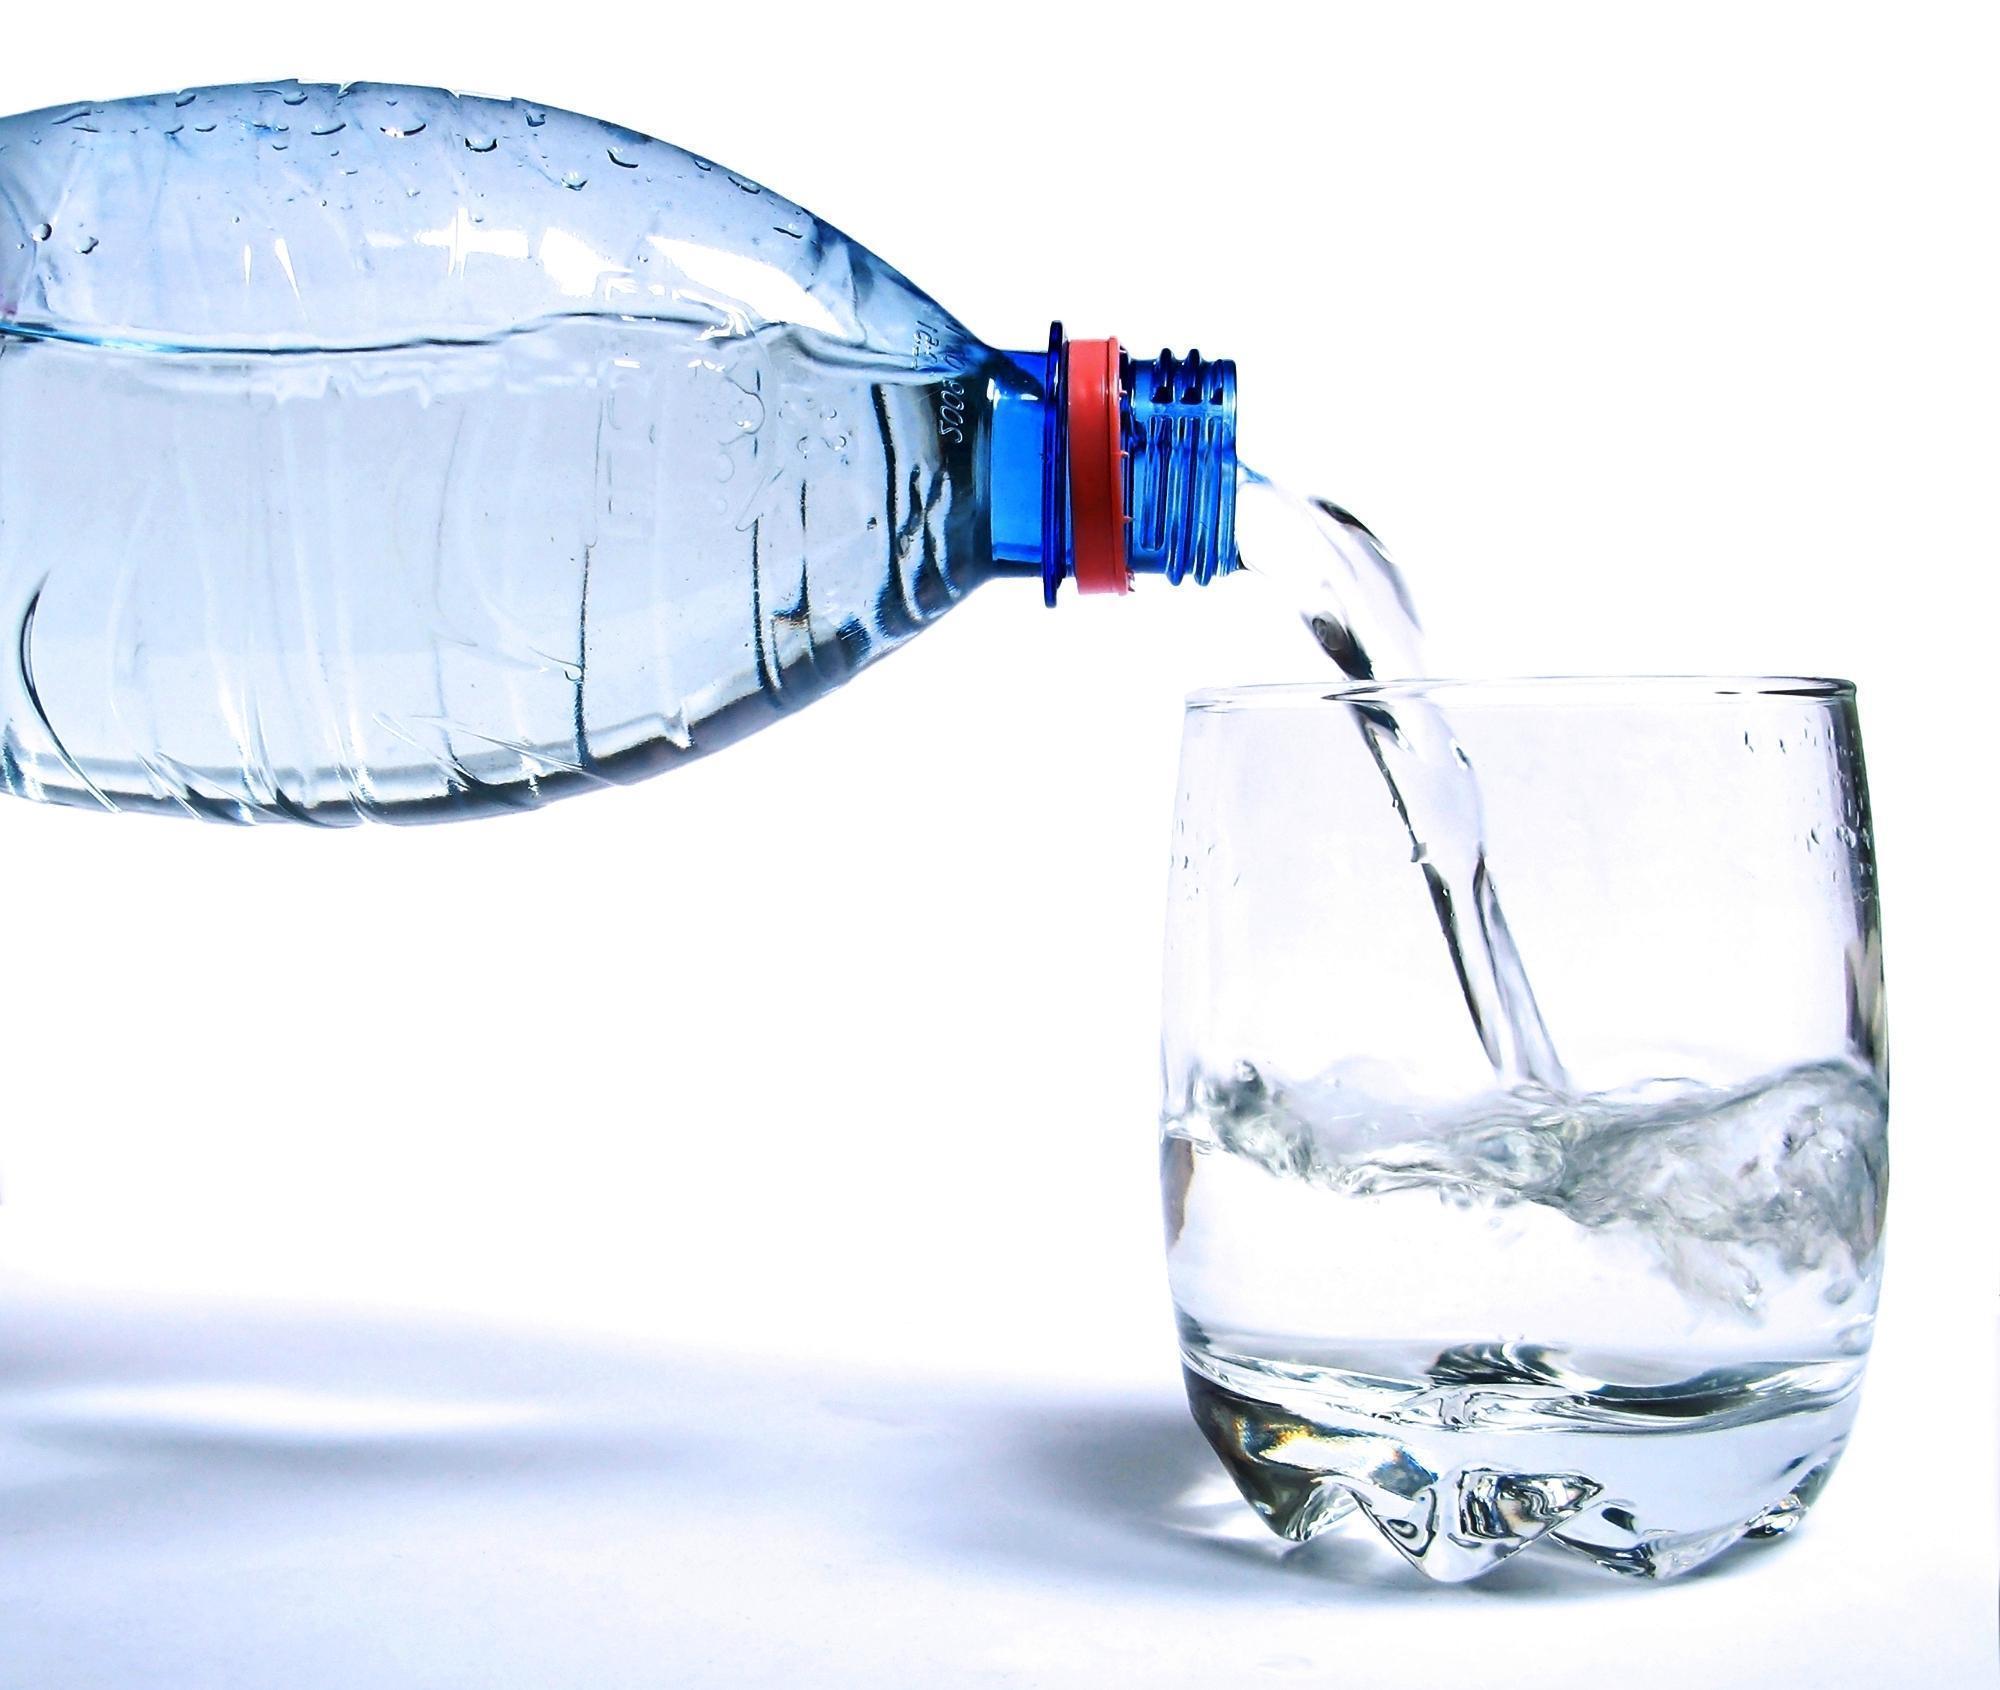 O Que Diz o Rótulo de Uma Garrafa de Água Mineral?